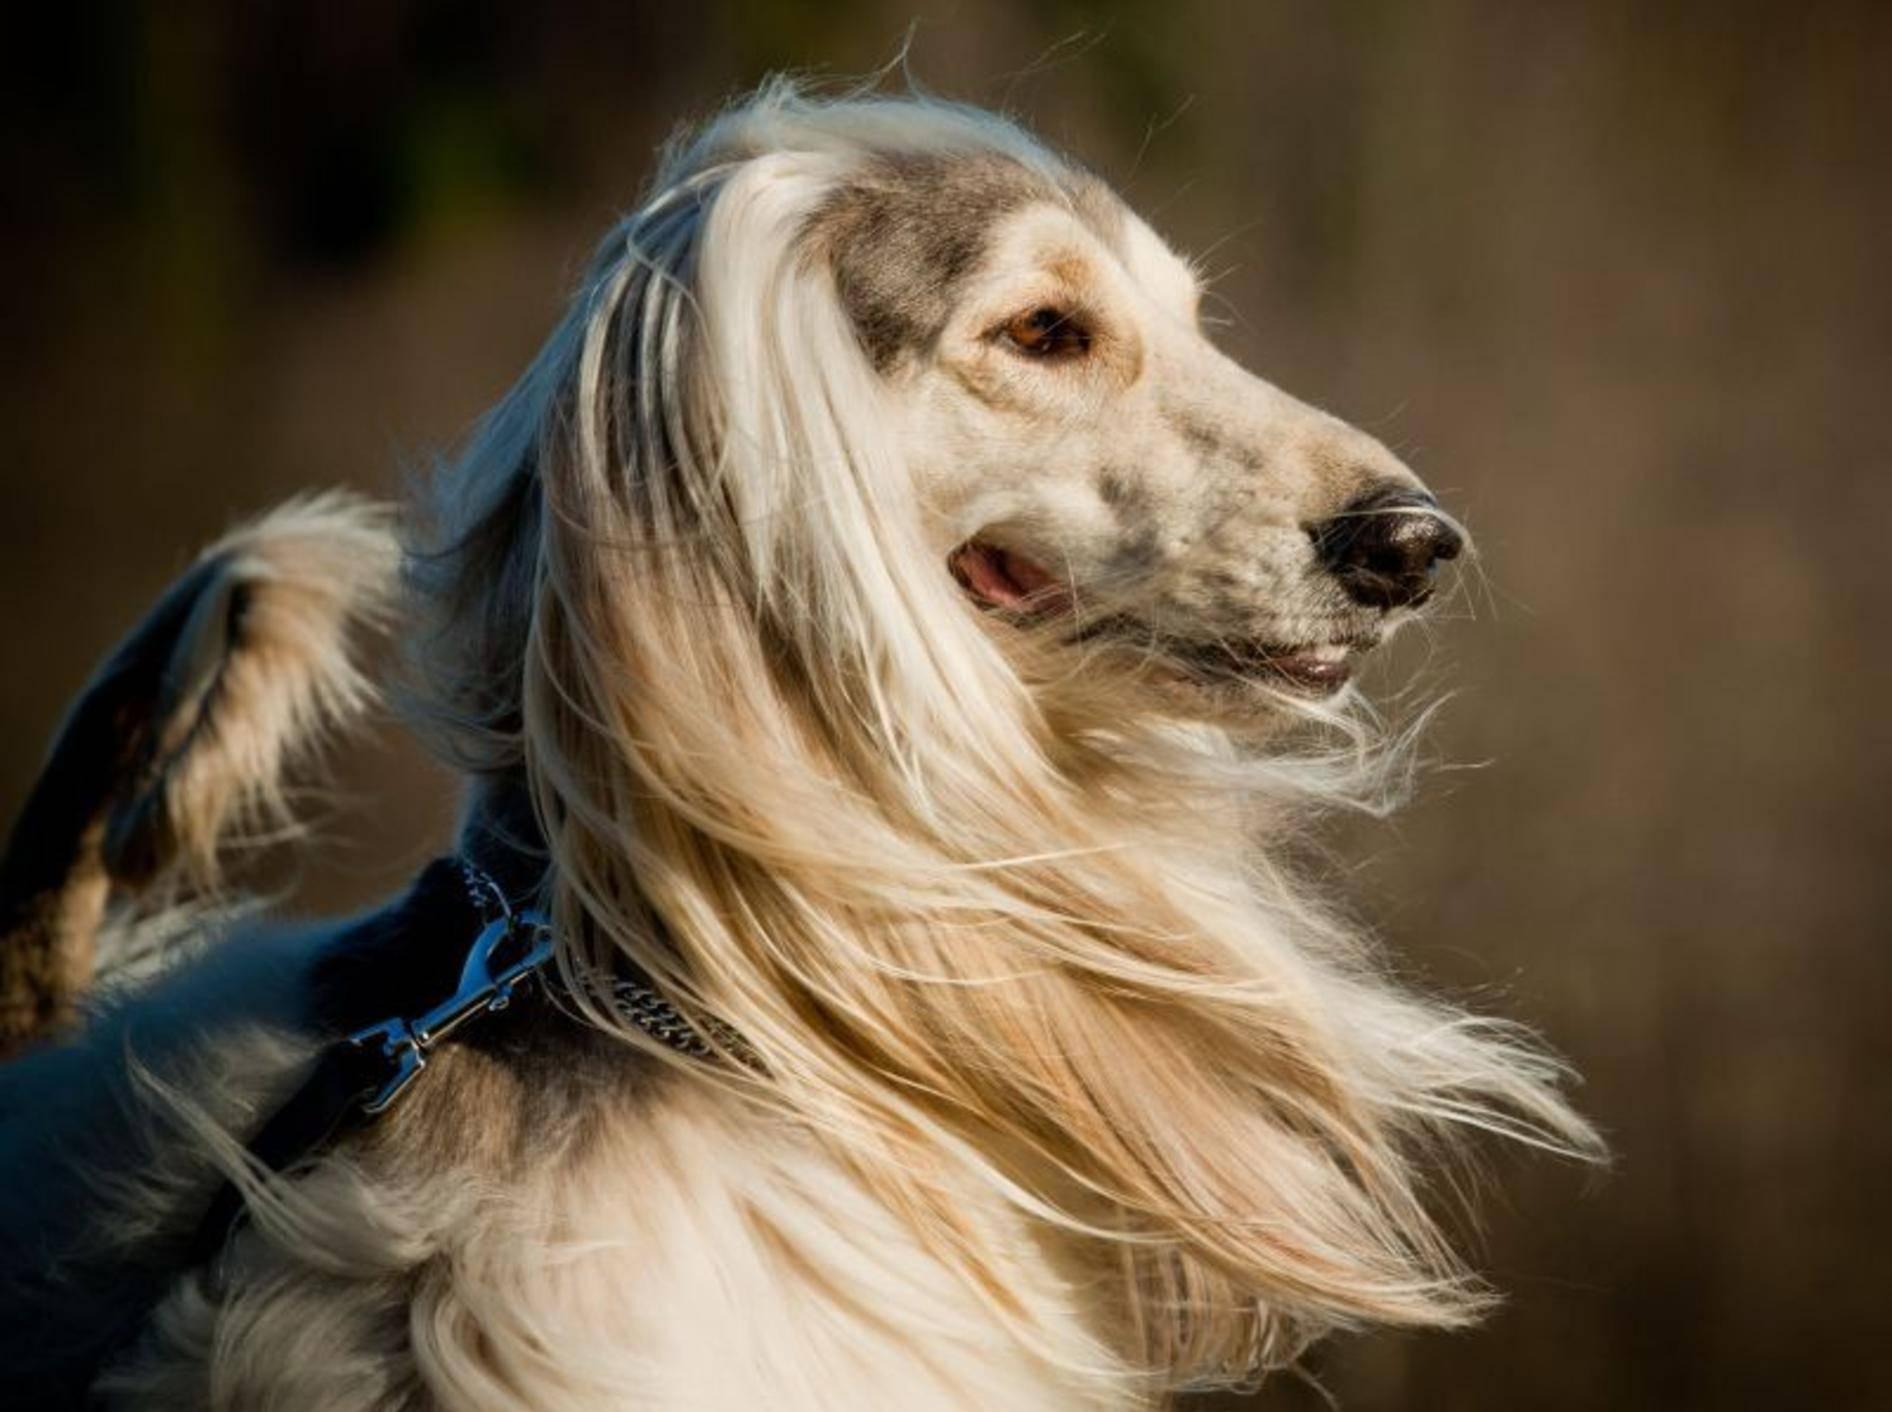 Der Afghanischer Windhund fällt durch ein besonders langes Haarkleid auf — Bild: Shutterstock / mariait